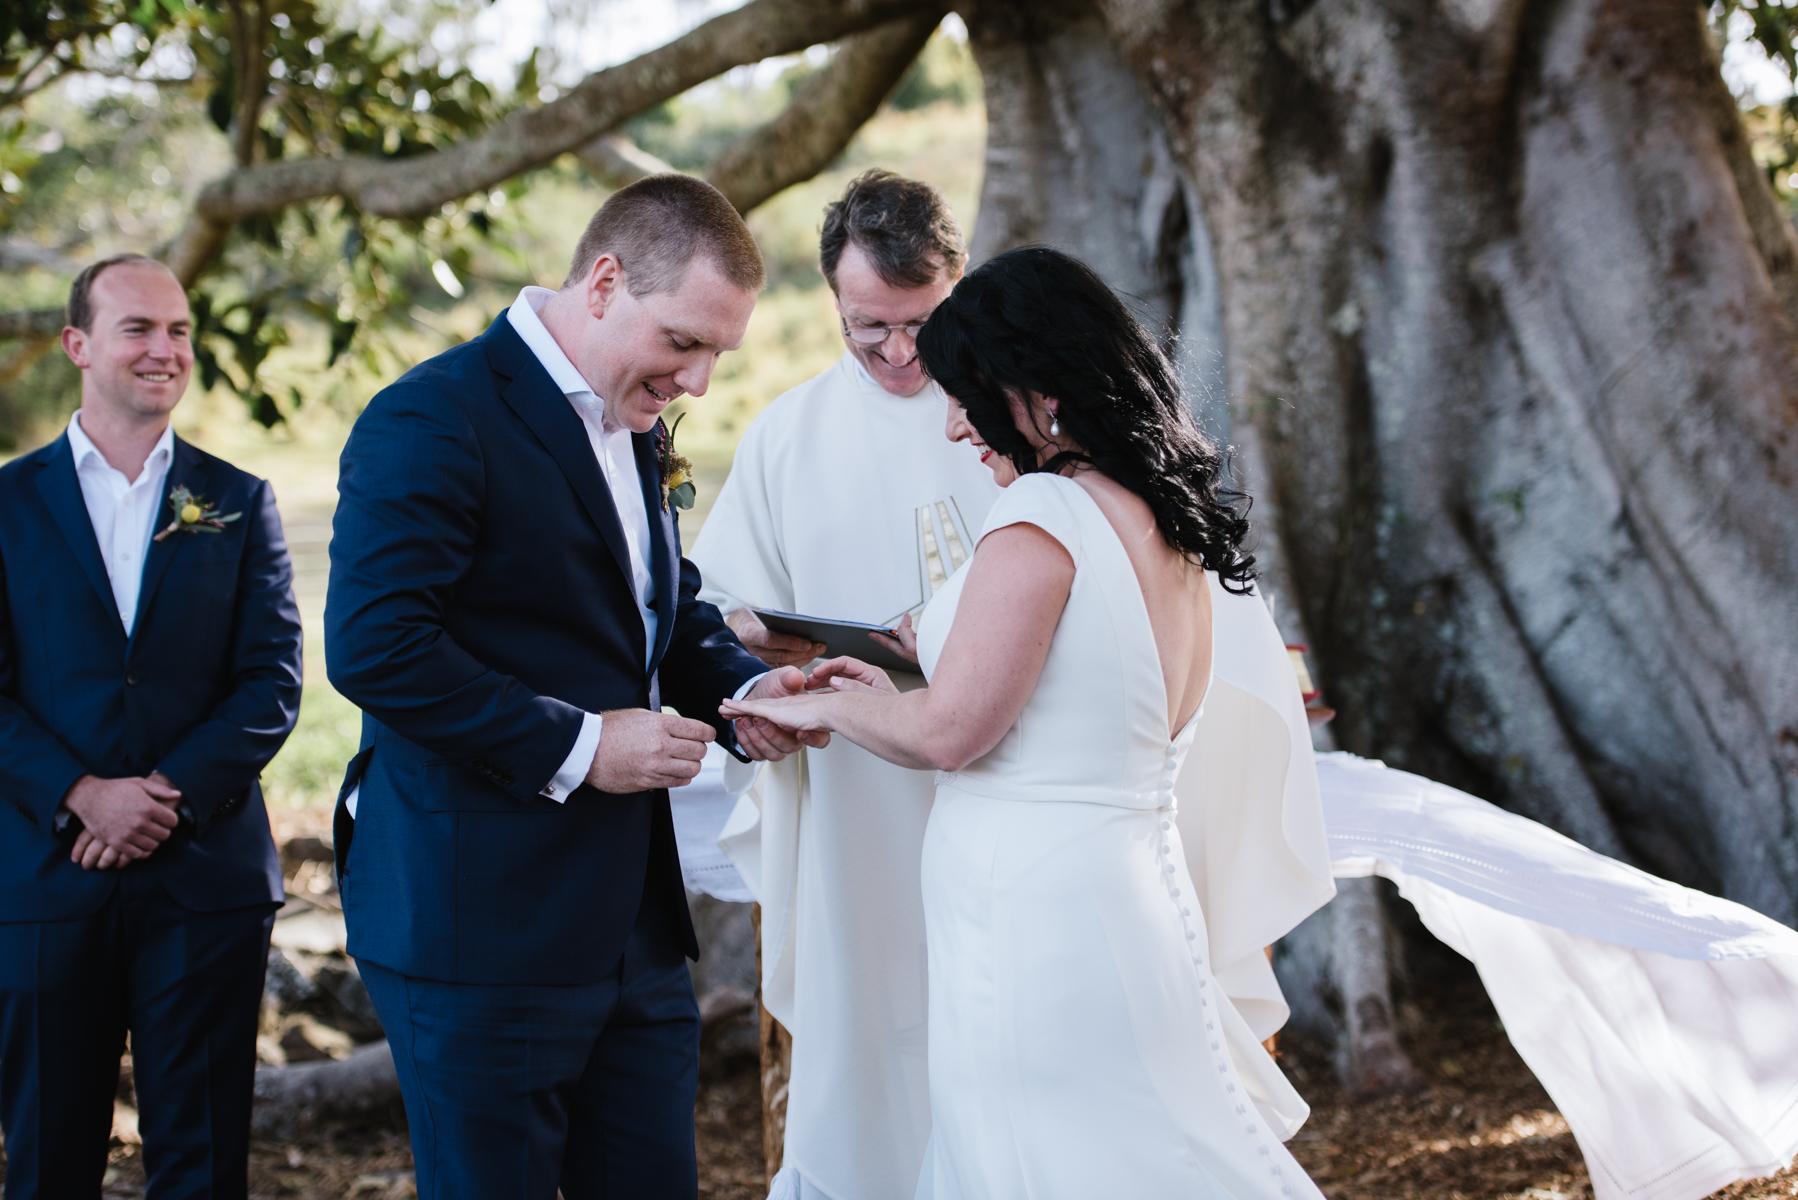 sarahandBenwedding- skyla sage photography weddings, families, byron bay,tweed coast,kingscliff,cabarita,gold coast-422.jpg